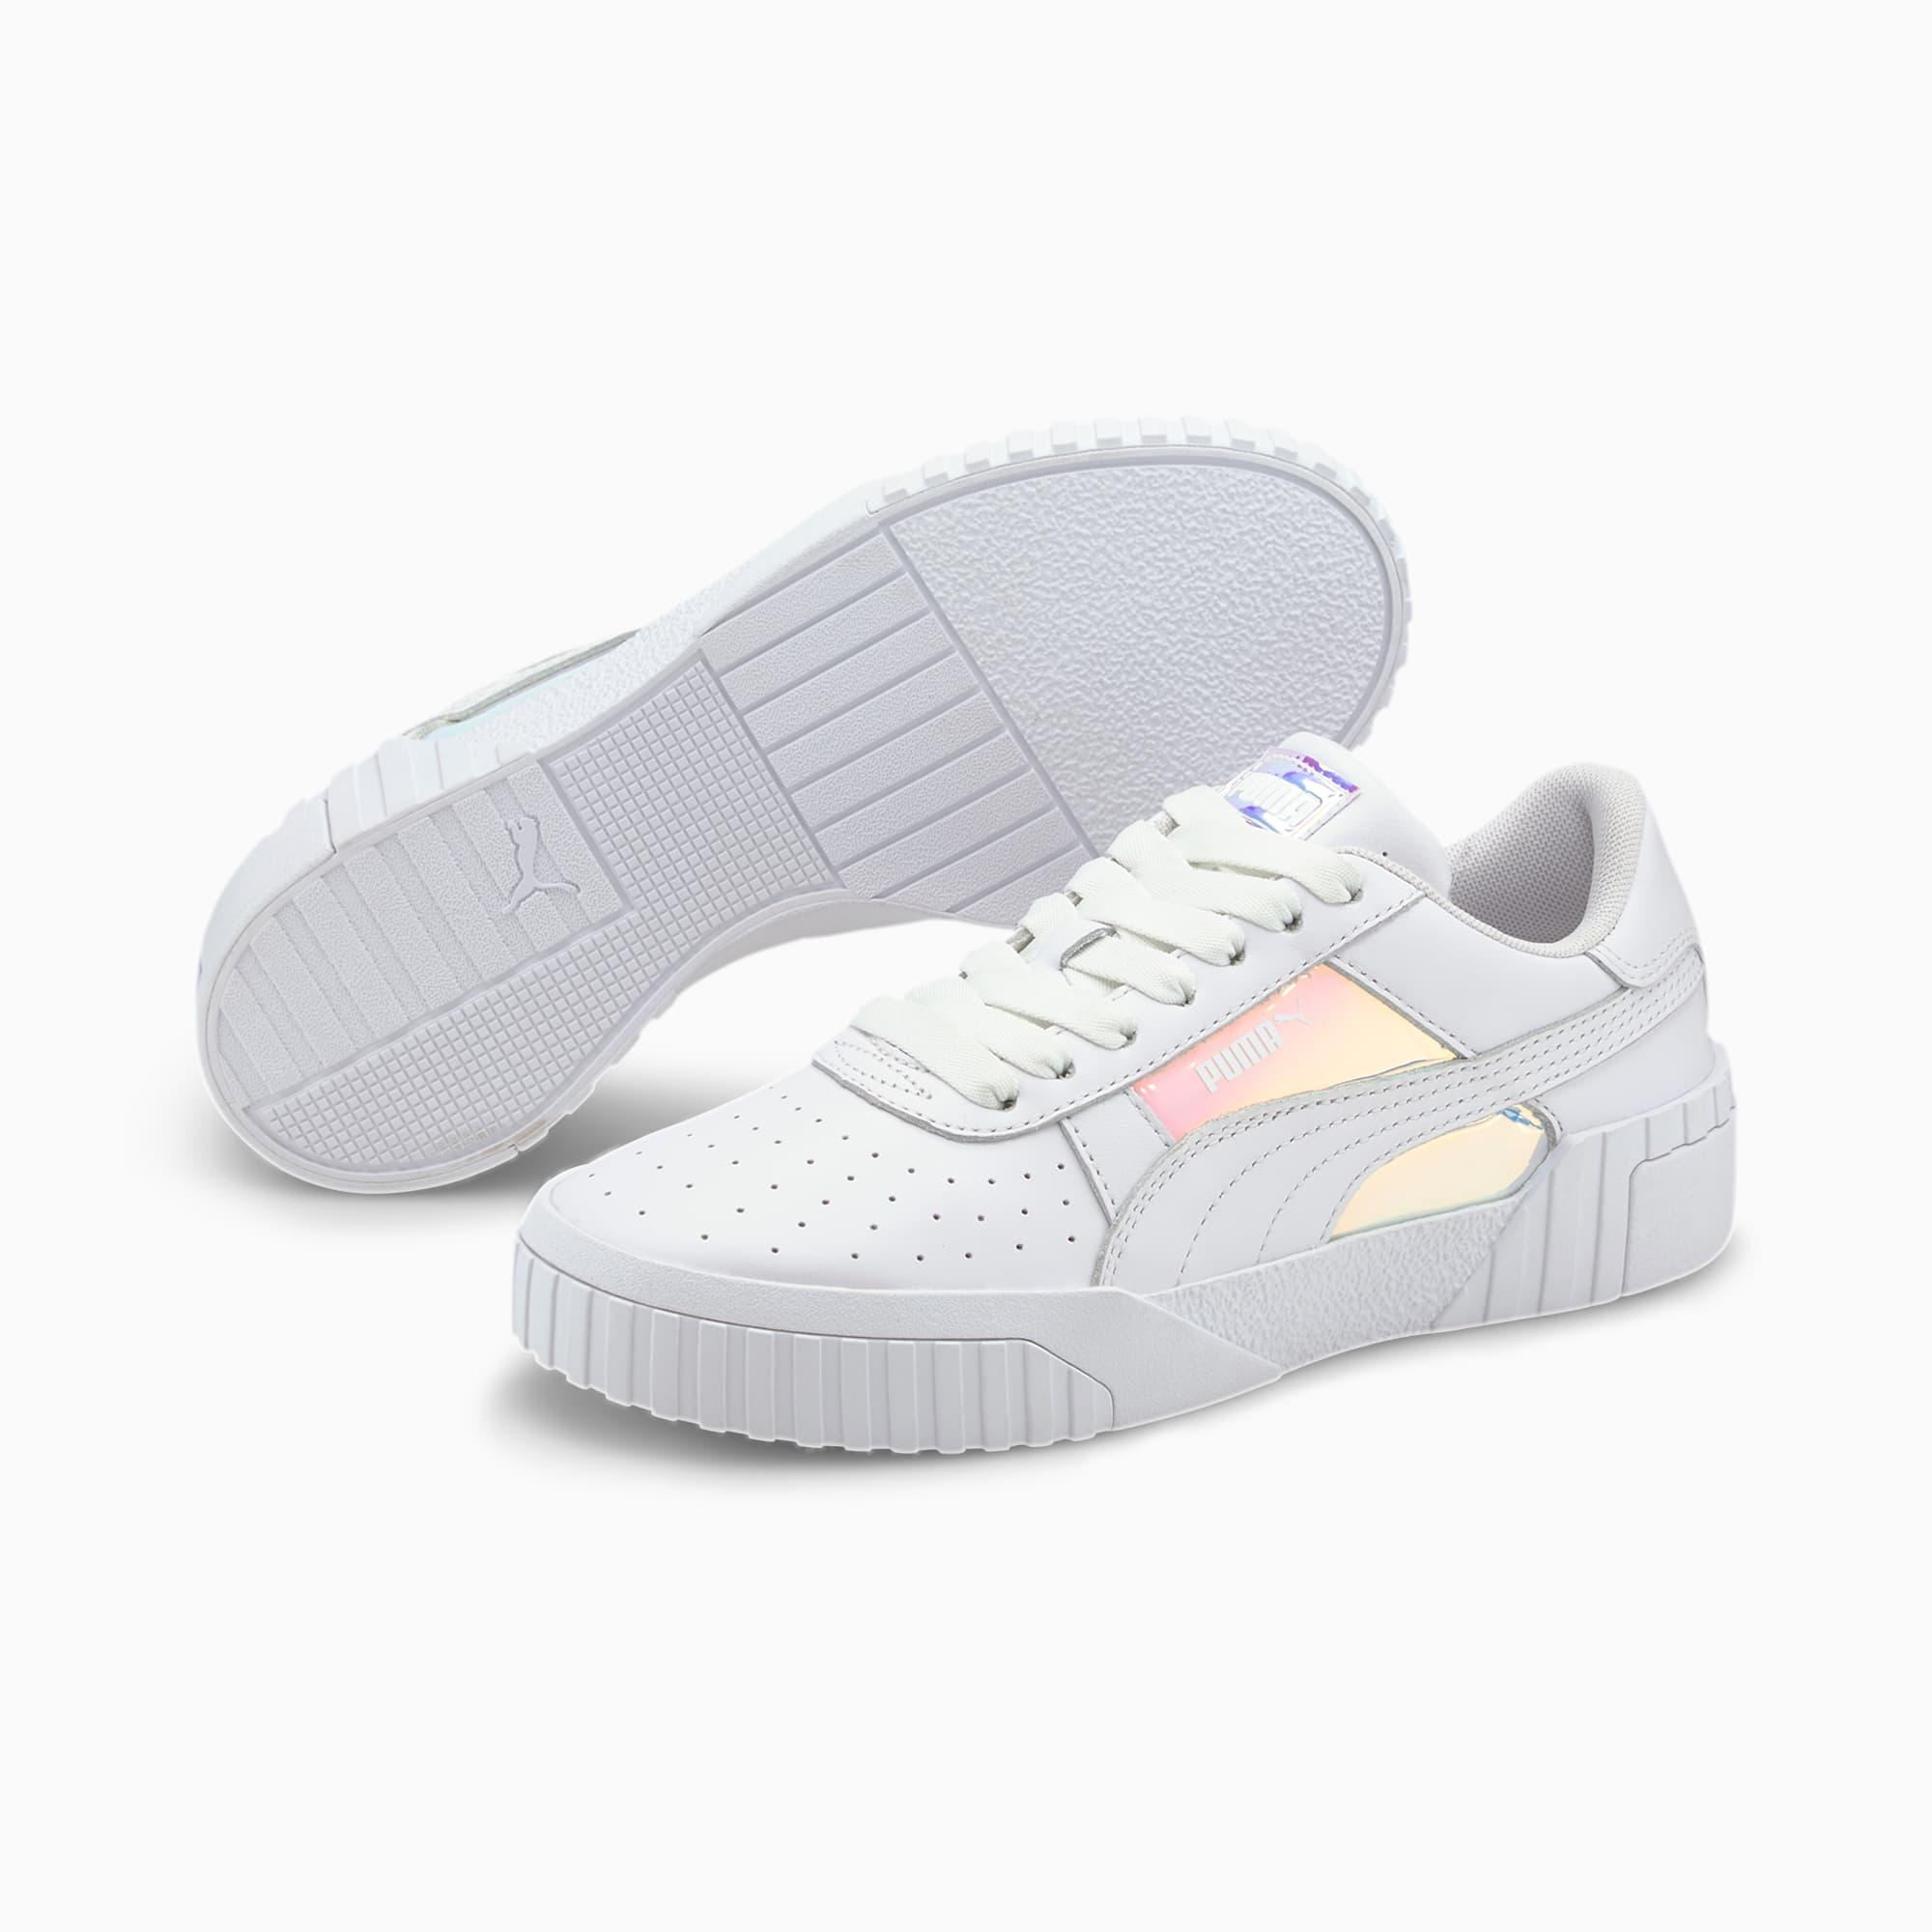 Damskie buty sportowe Cali Glow